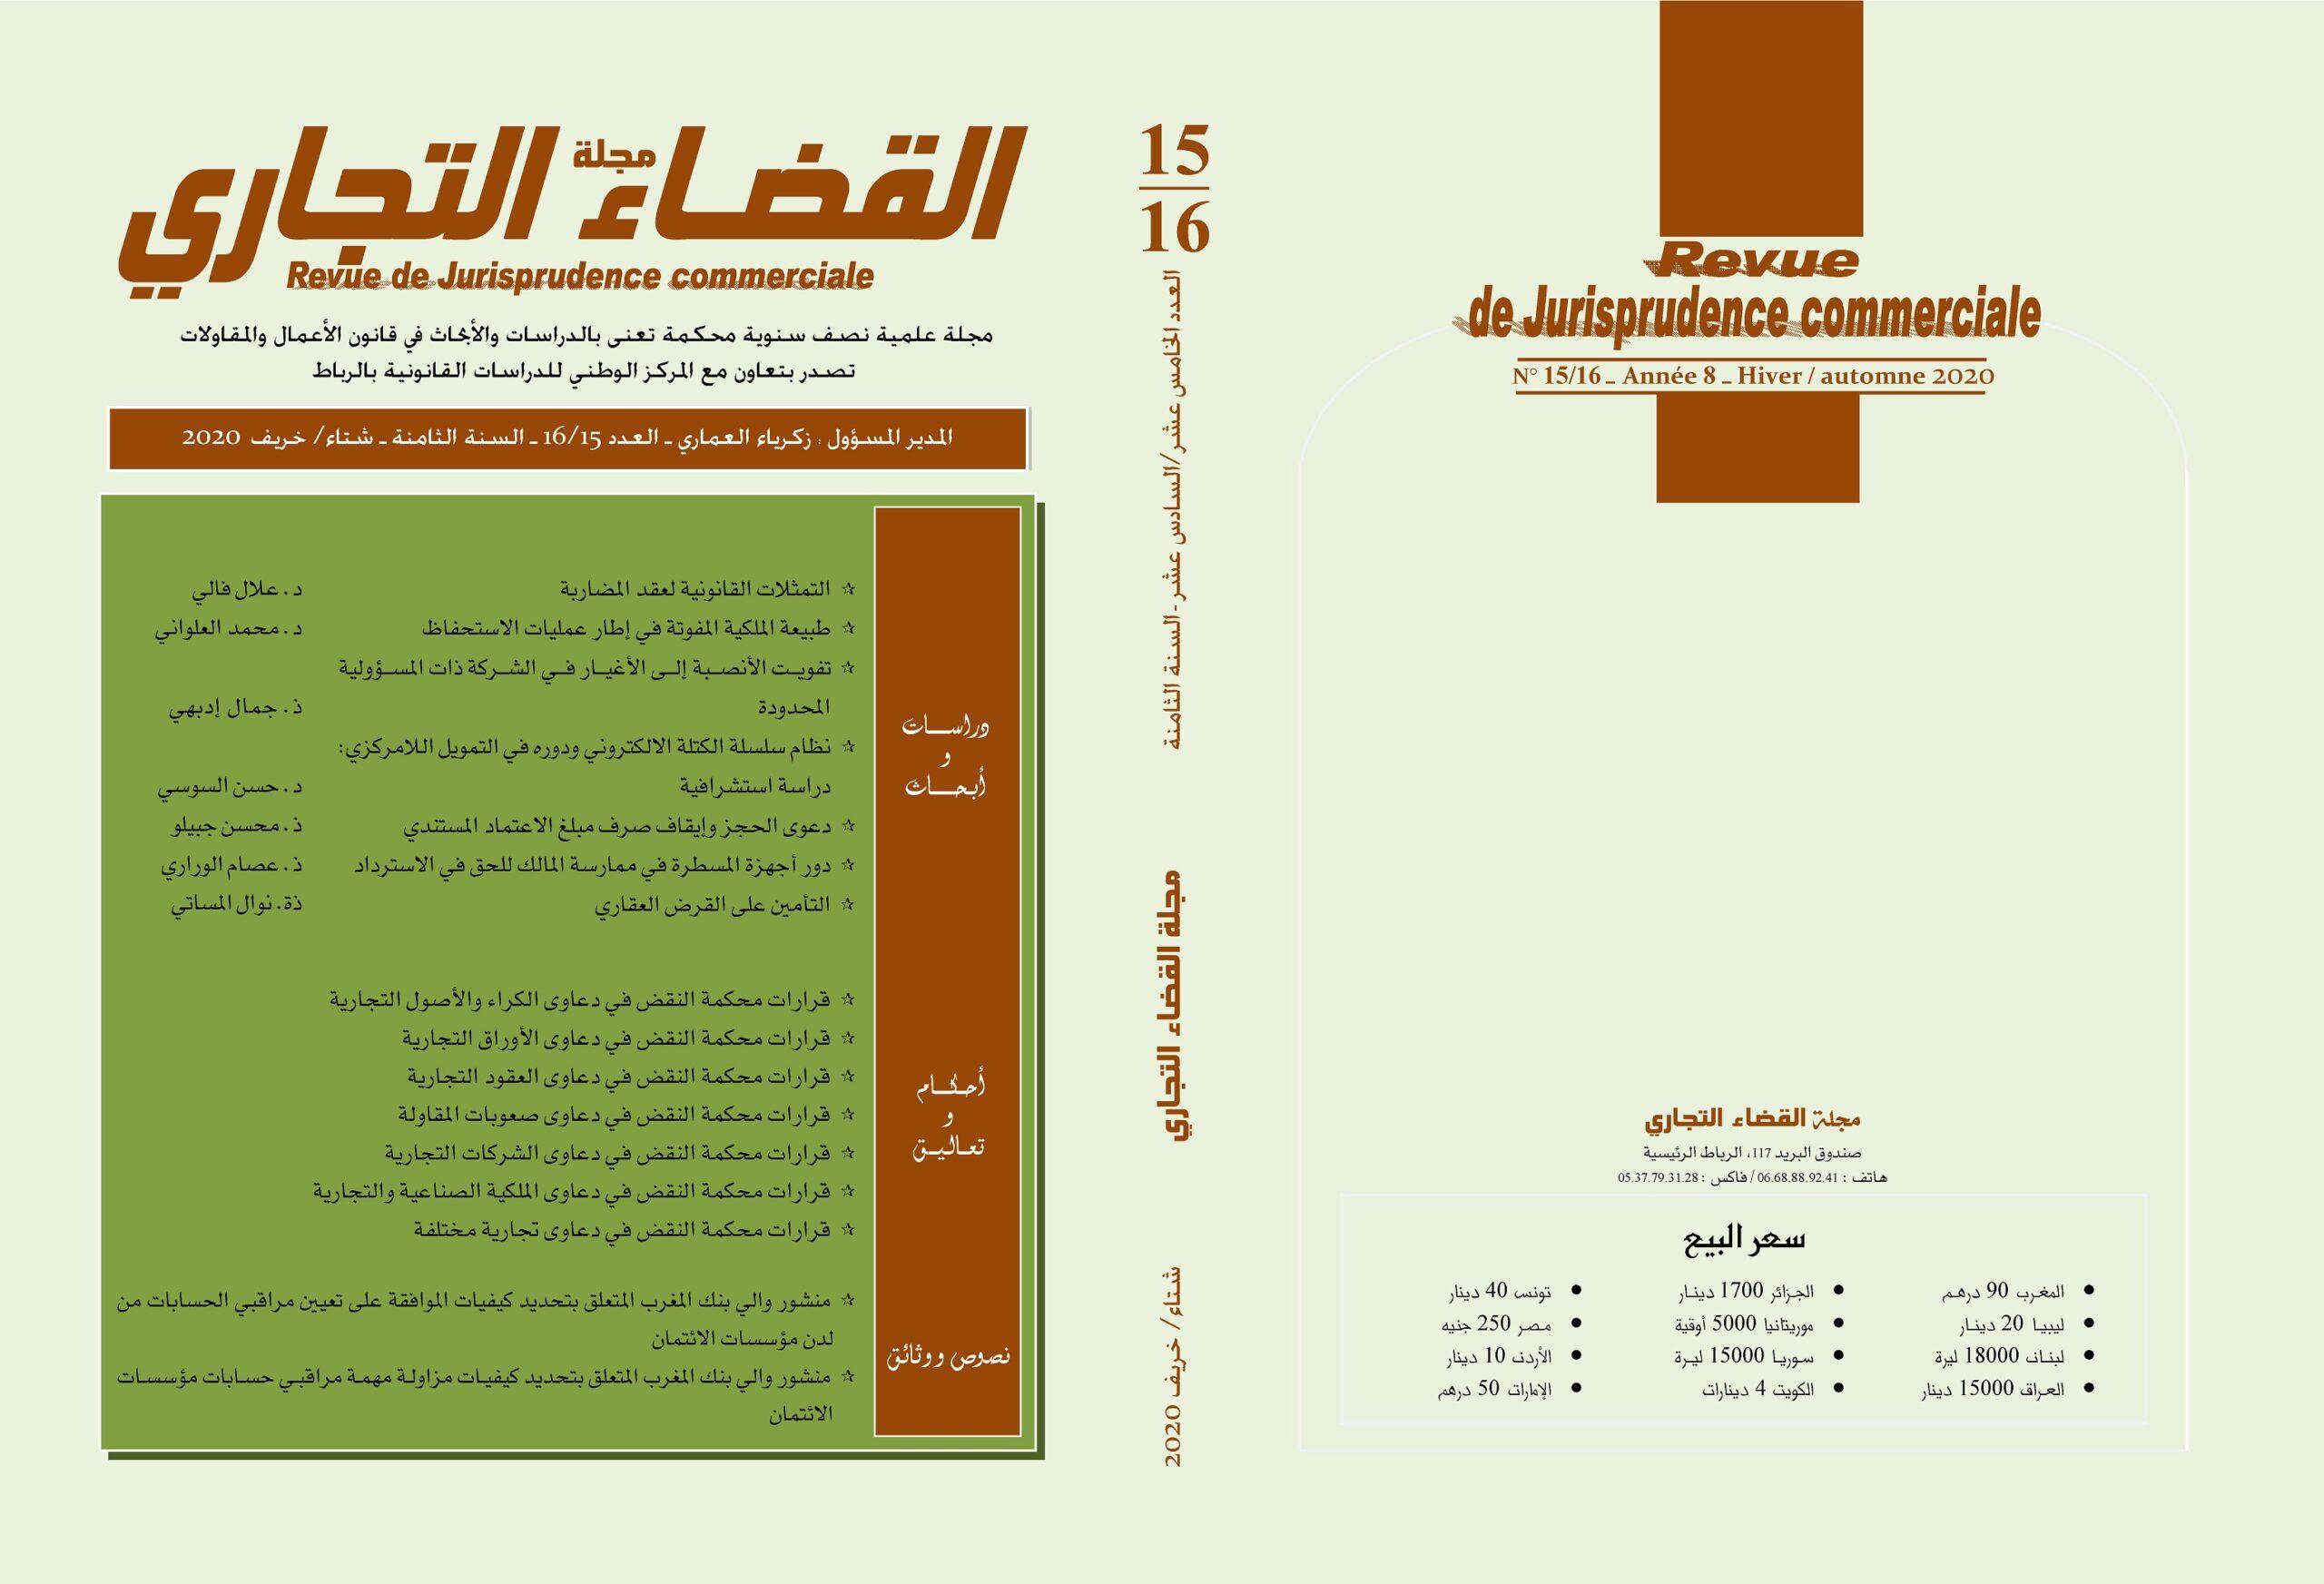 صدور العدد 16/15 من مجلة القضاء التجاري